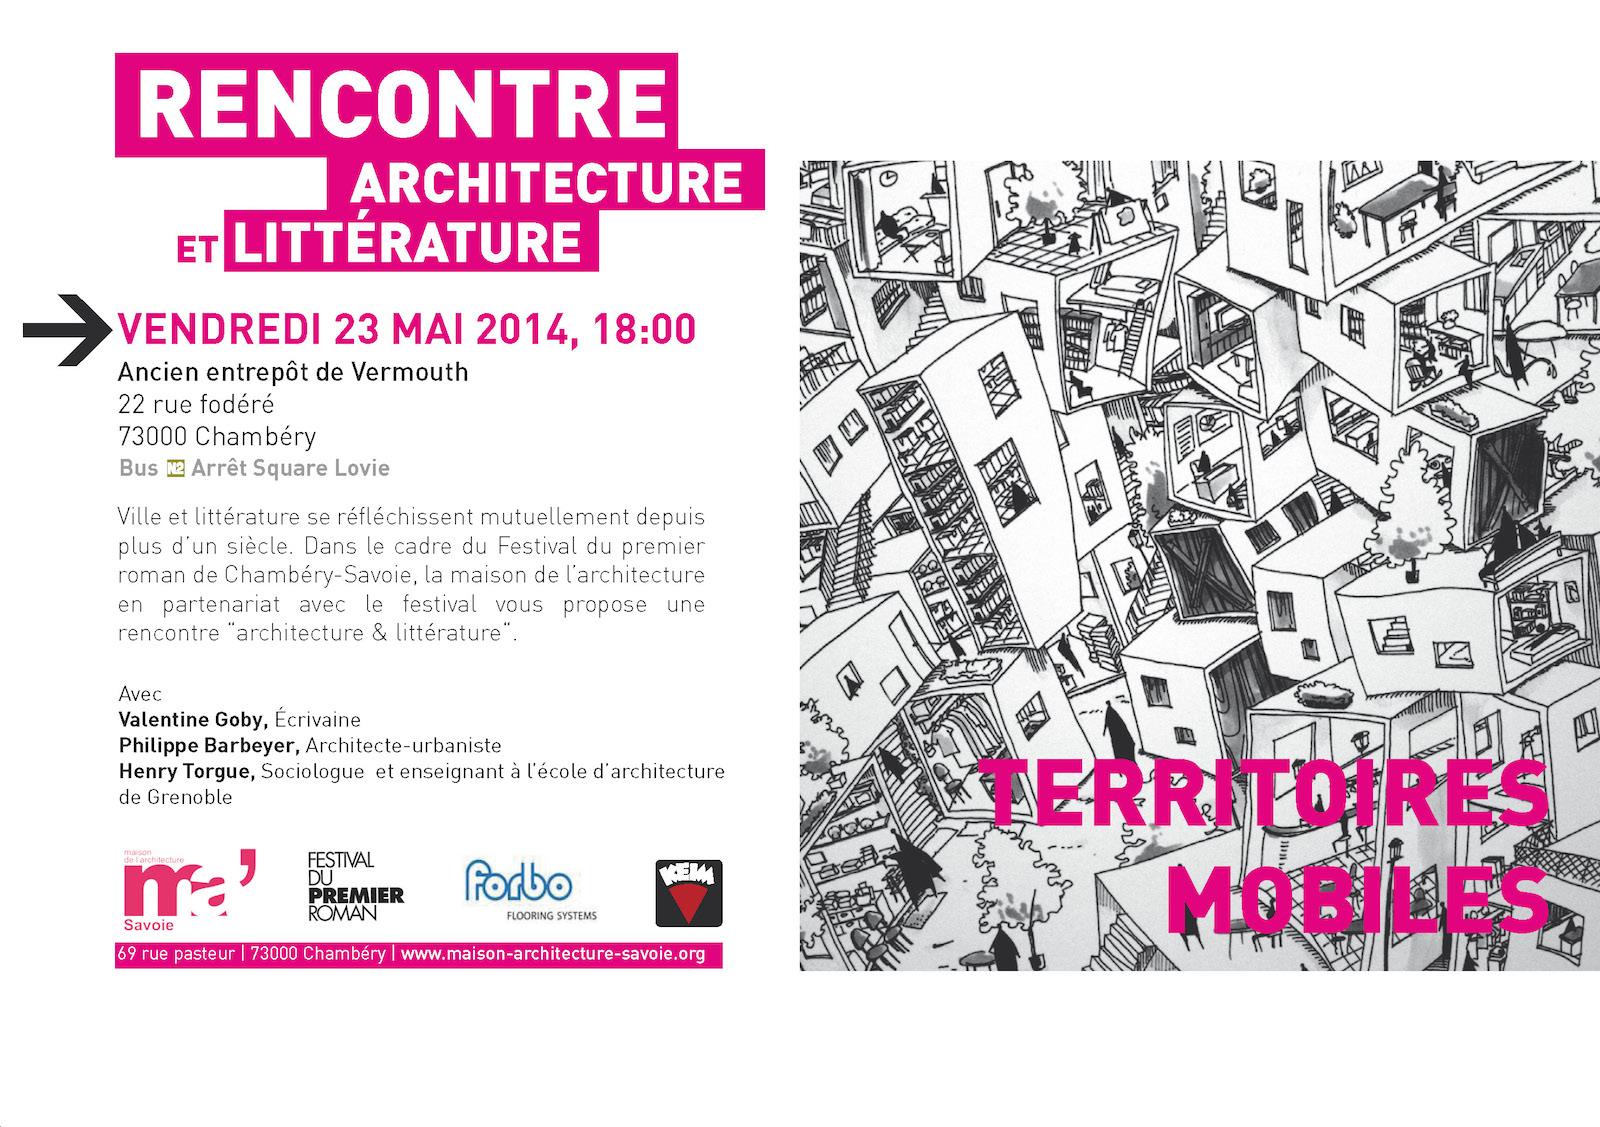 maison de l'architecture de savoie - rencontre architecture et littérature - 27ème Festival du premier roman